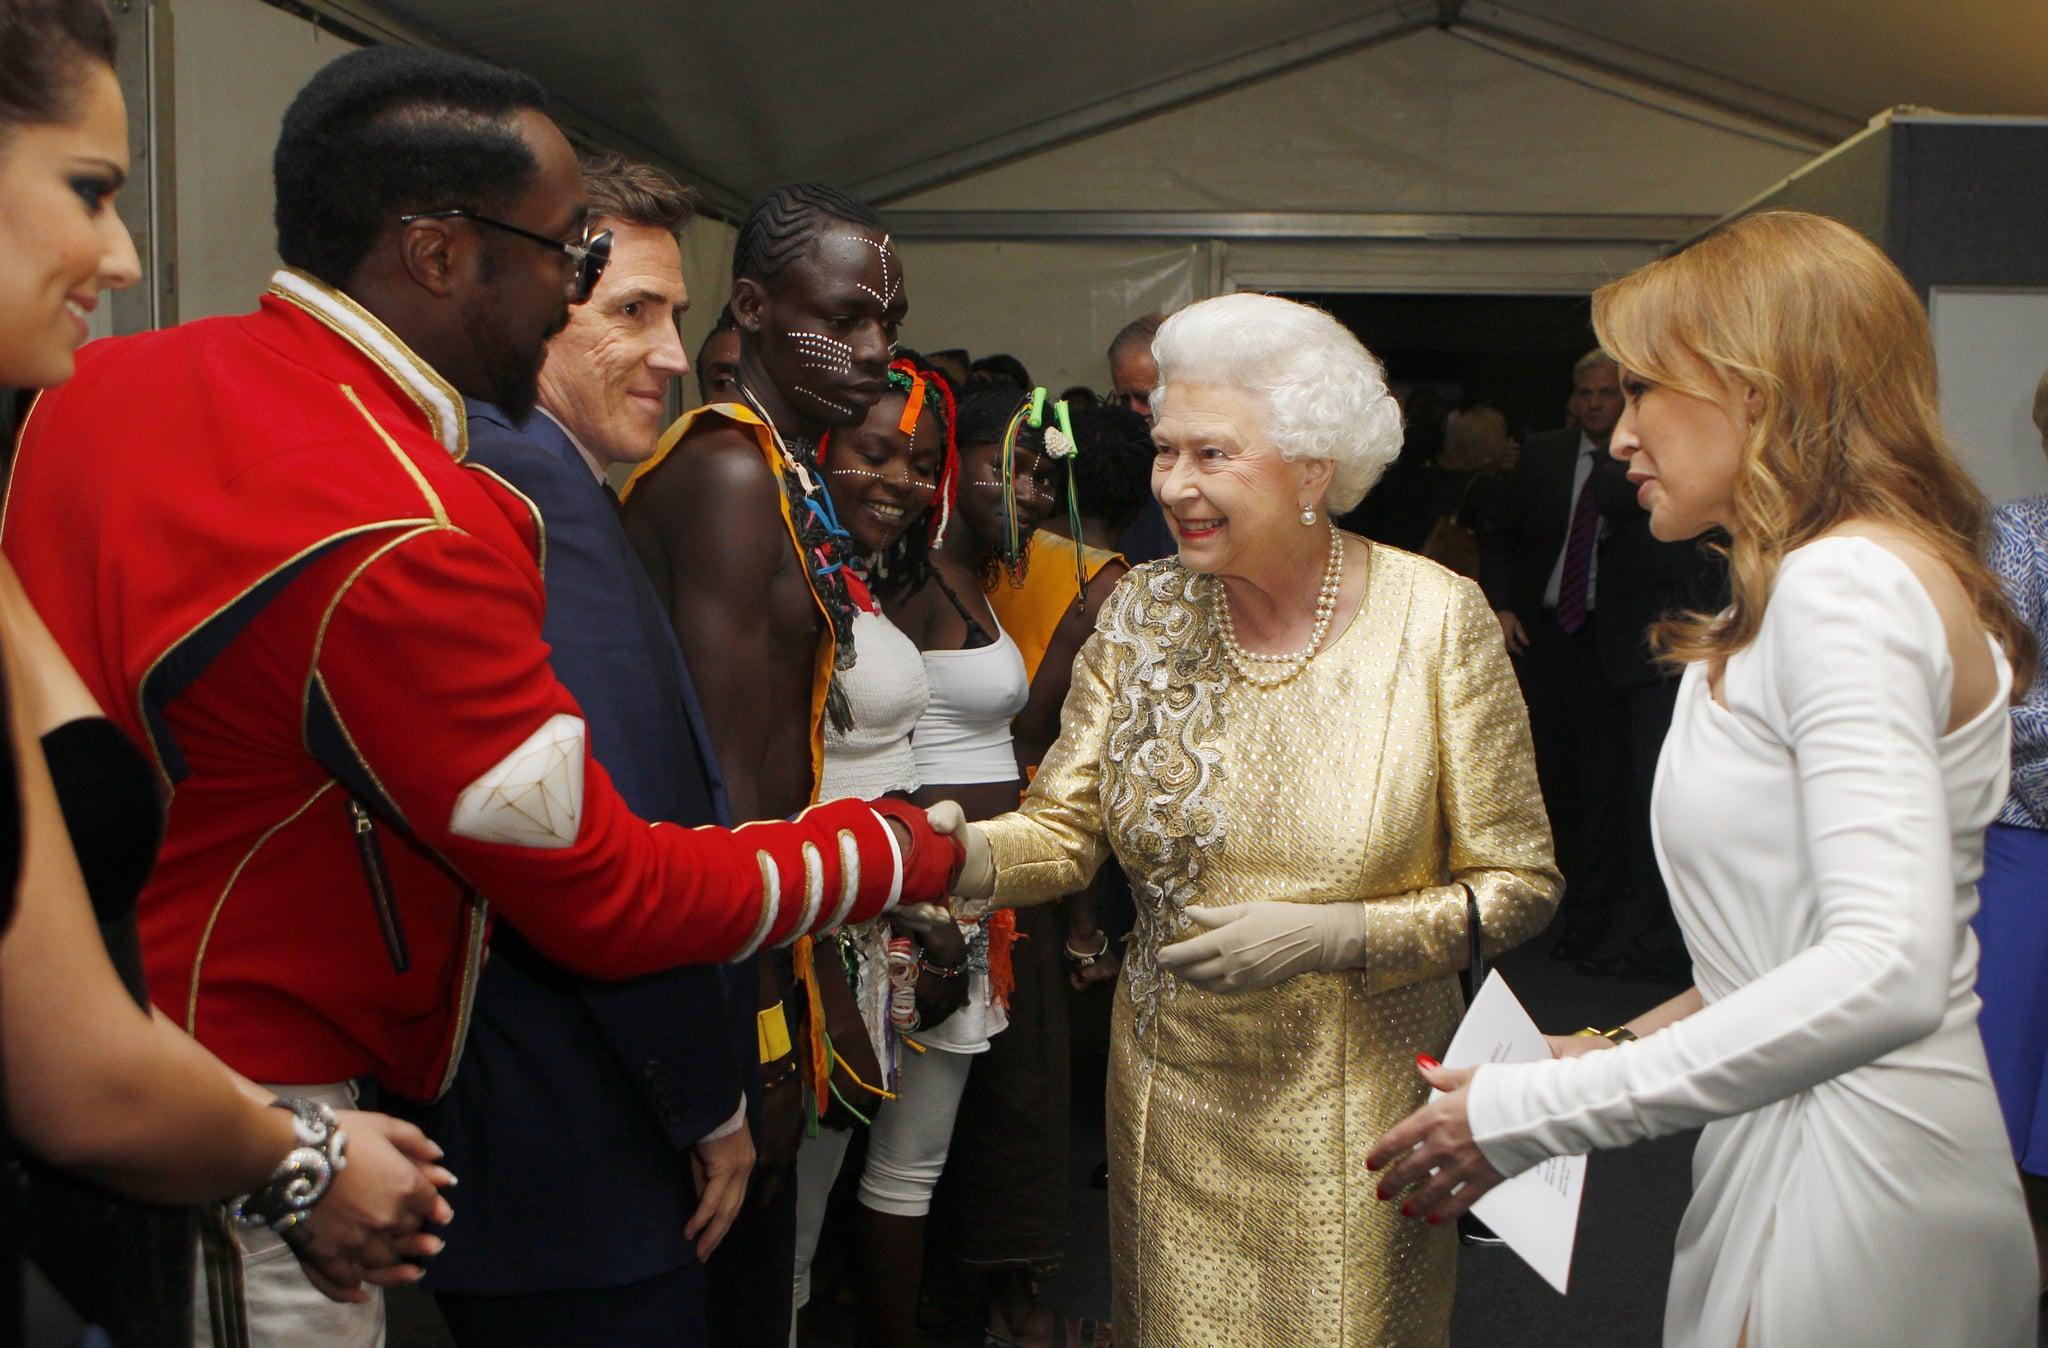 Queen Elizabeth met Will.i.am in June 2012 at the Diamond Jubilee Concert in London.